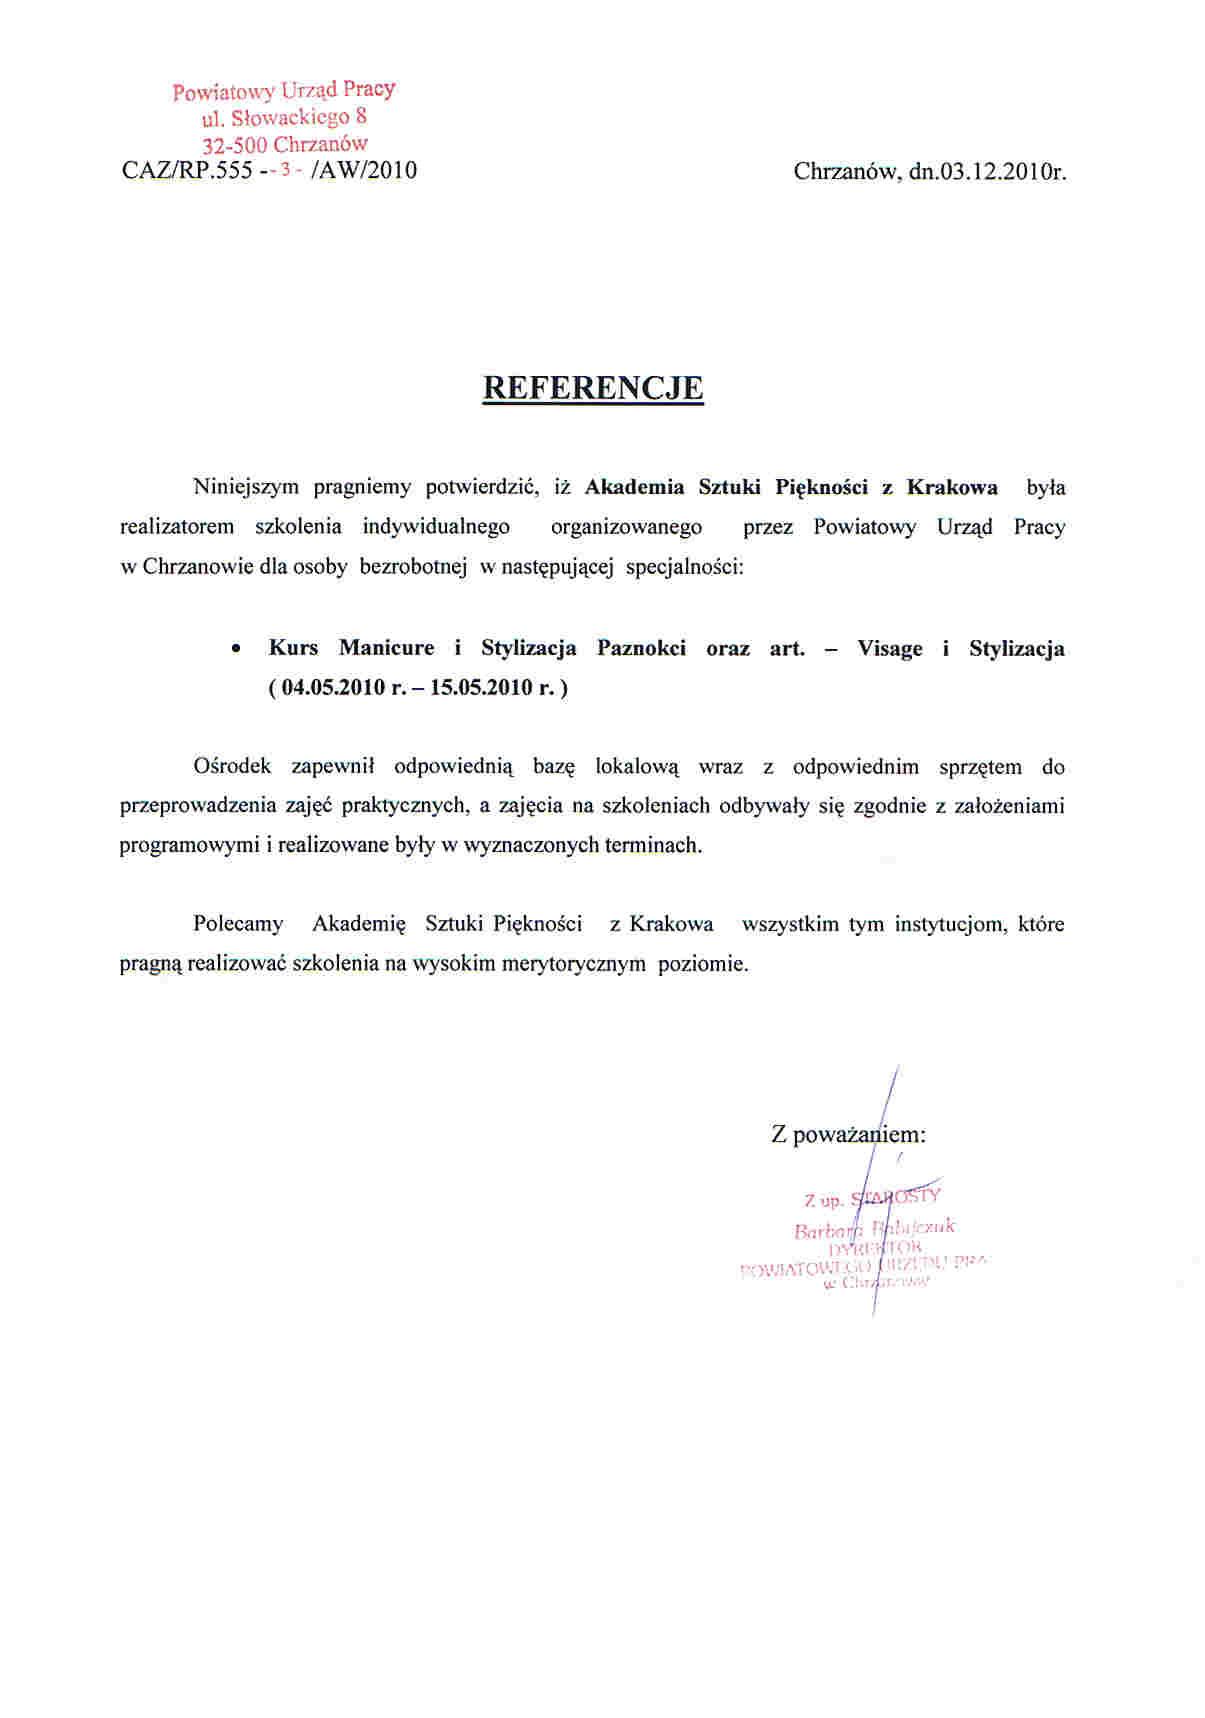 Powiatowy Urząd Pracy w Chrzanowie-Chrzanów